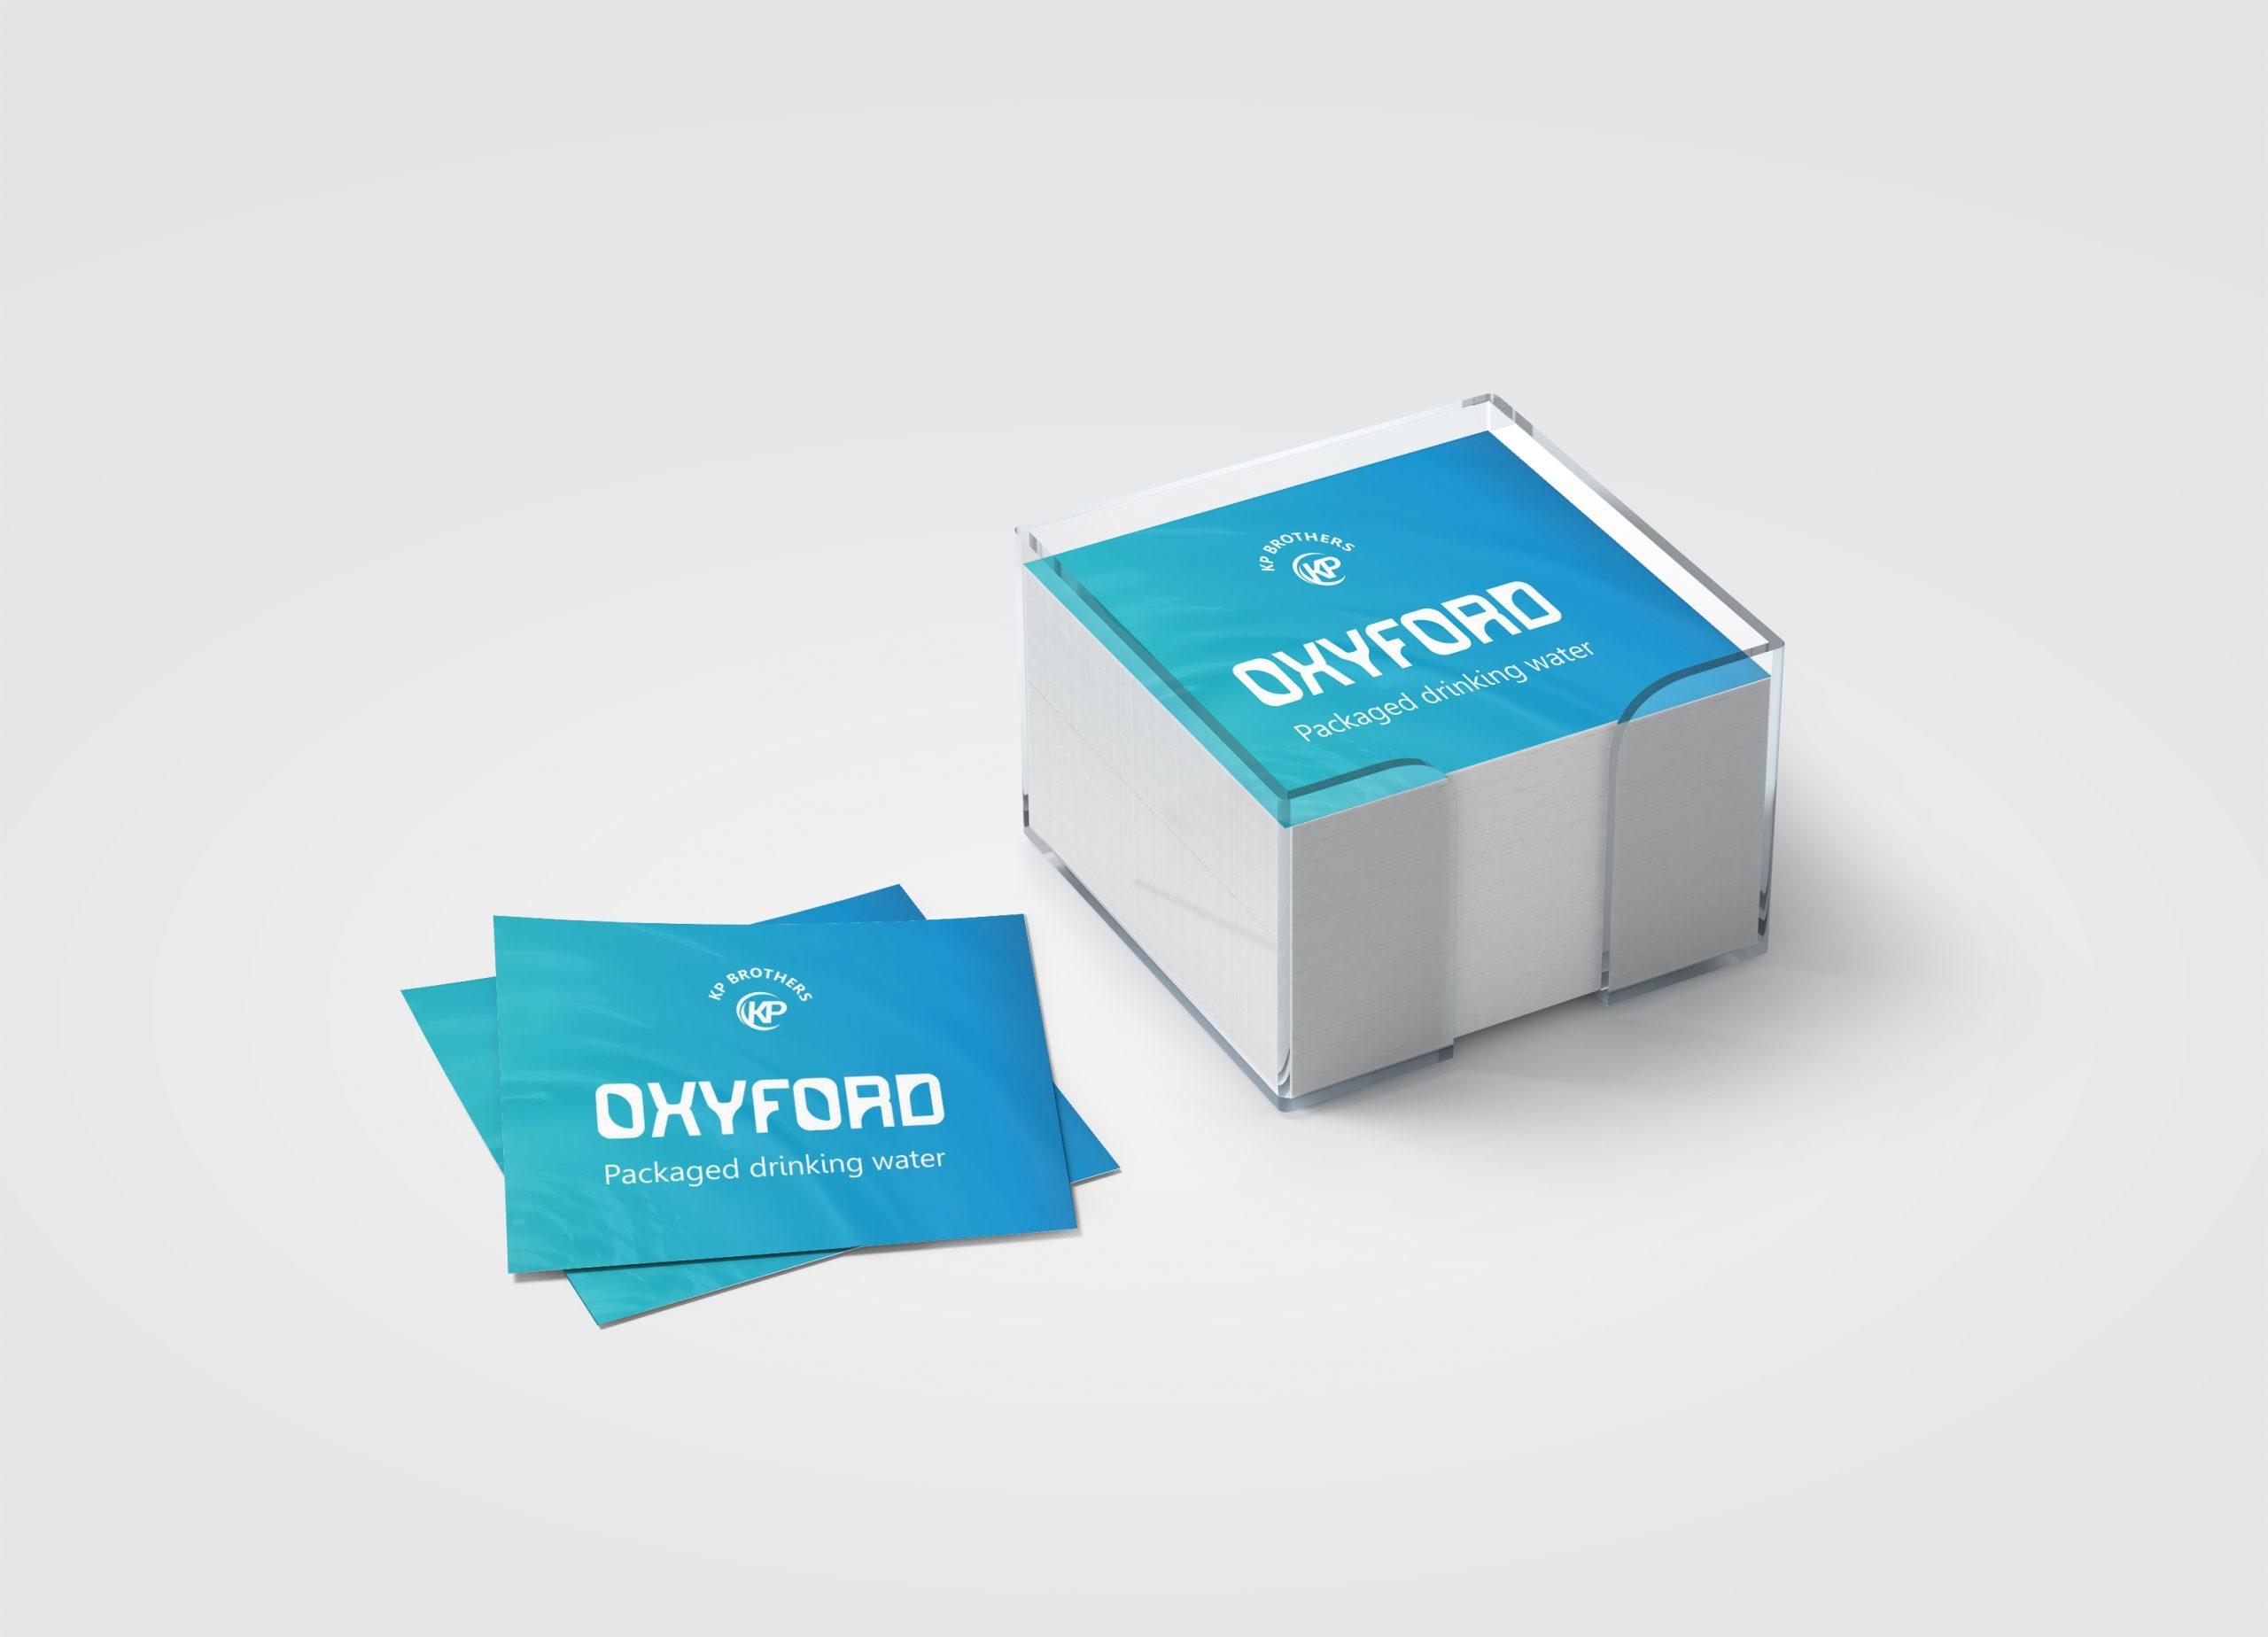 Oxyford Logo Design by WDSOFT